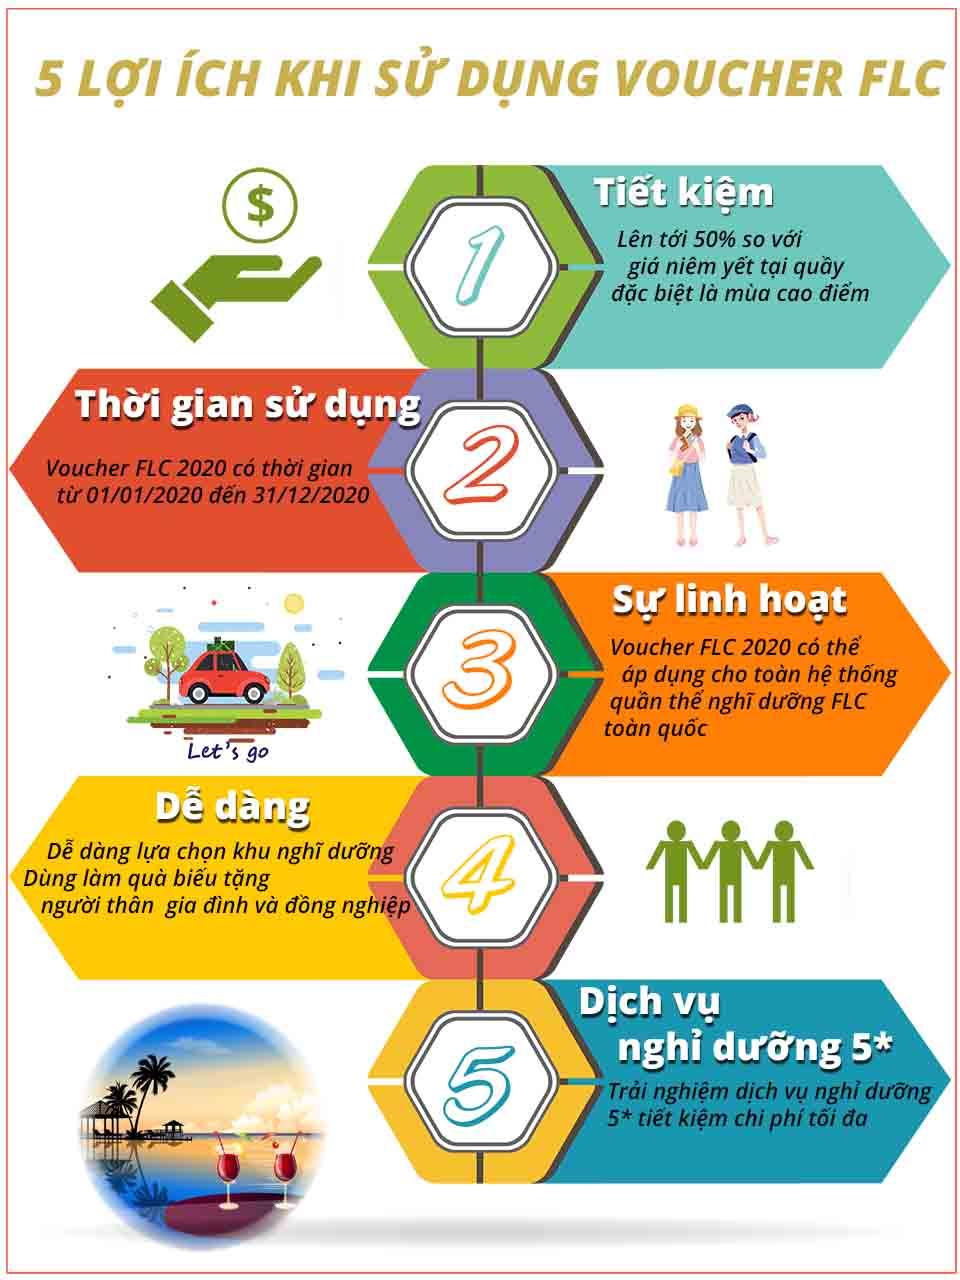 5 lợi ích cơ bản khi sự dụng Voucher